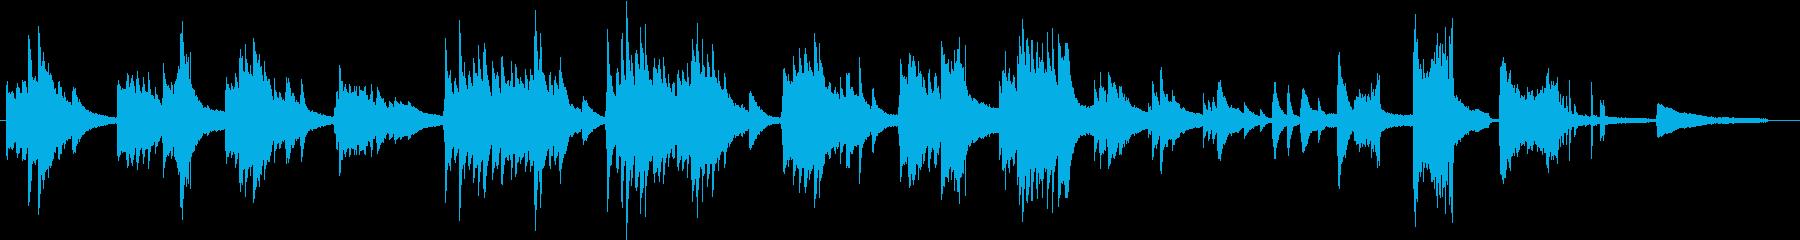 ジャズ風の優しいピアノ曲の再生済みの波形